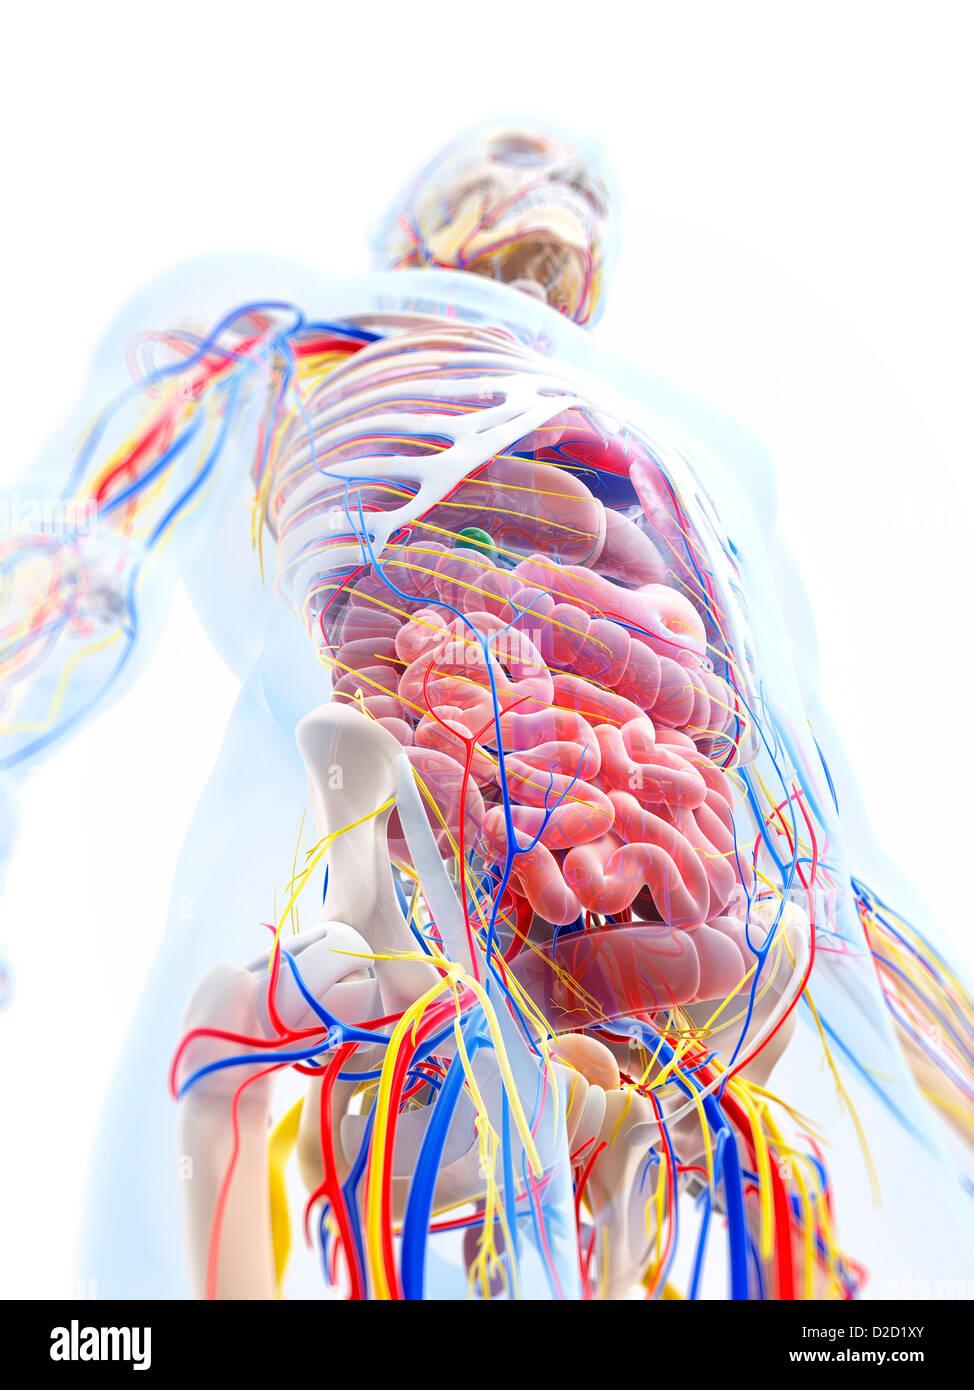 Menschliche Anatomie Computer Grafik Stockfoto, Bild: 53147331 - Alamy